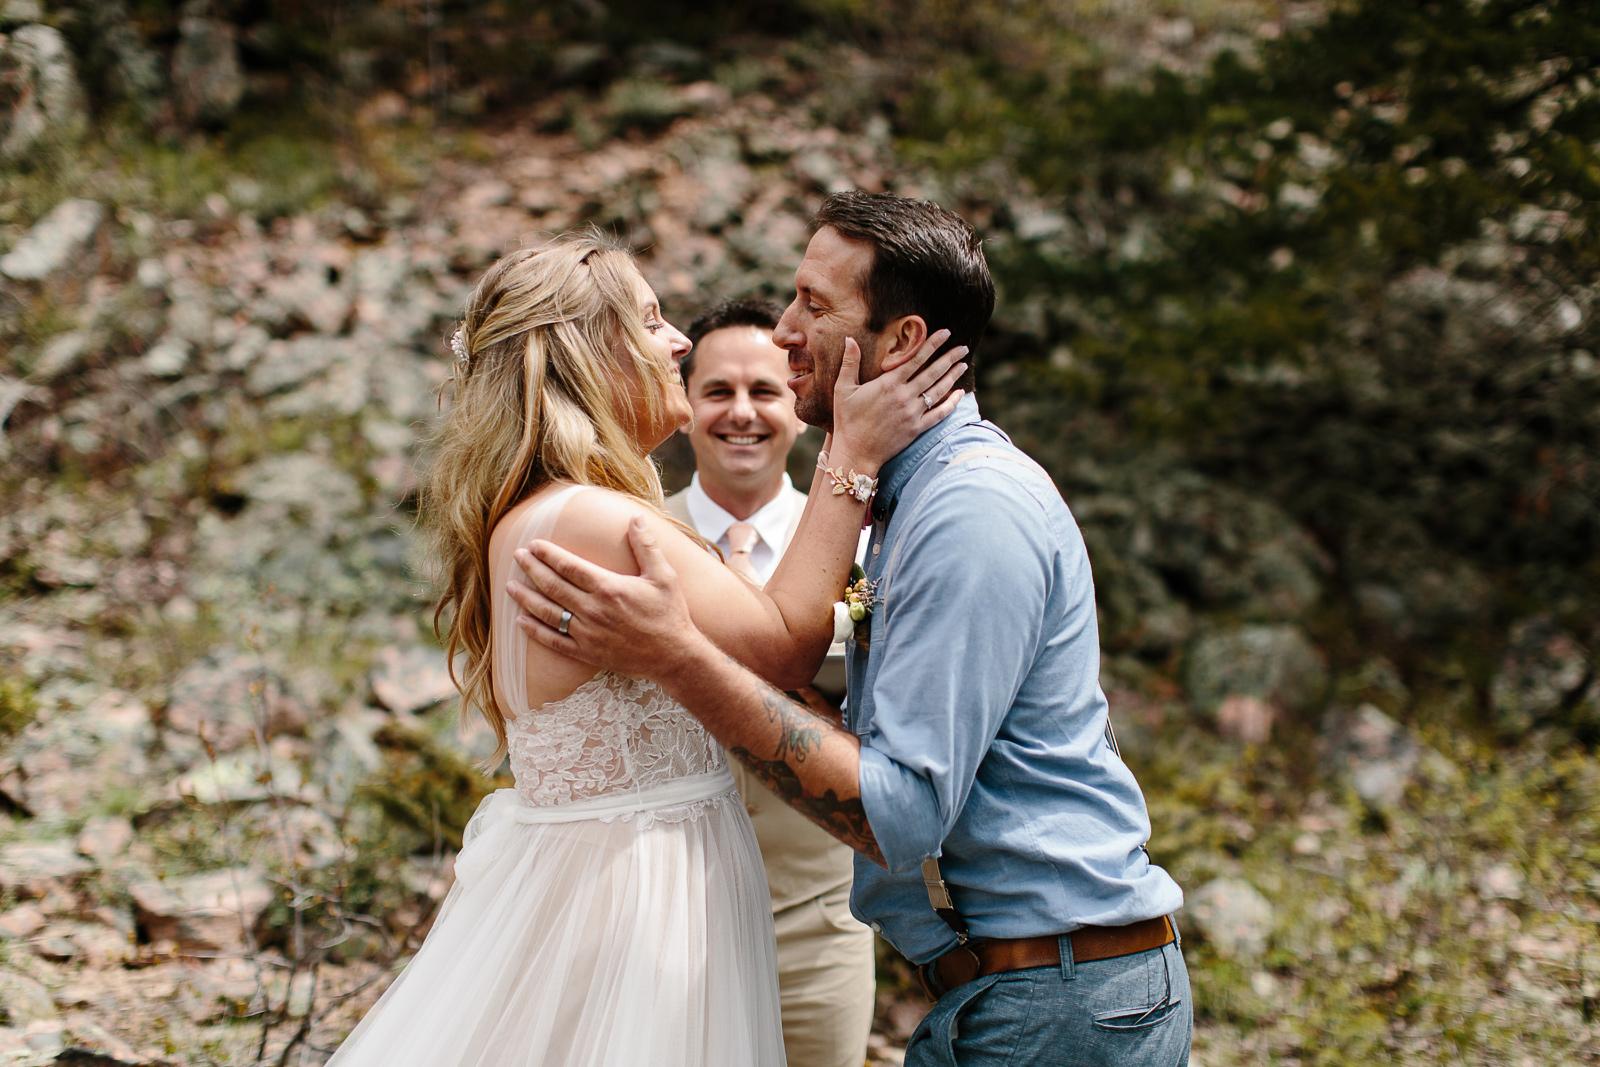 033-vail-elopement-photographer-chris-and-tara.jpg